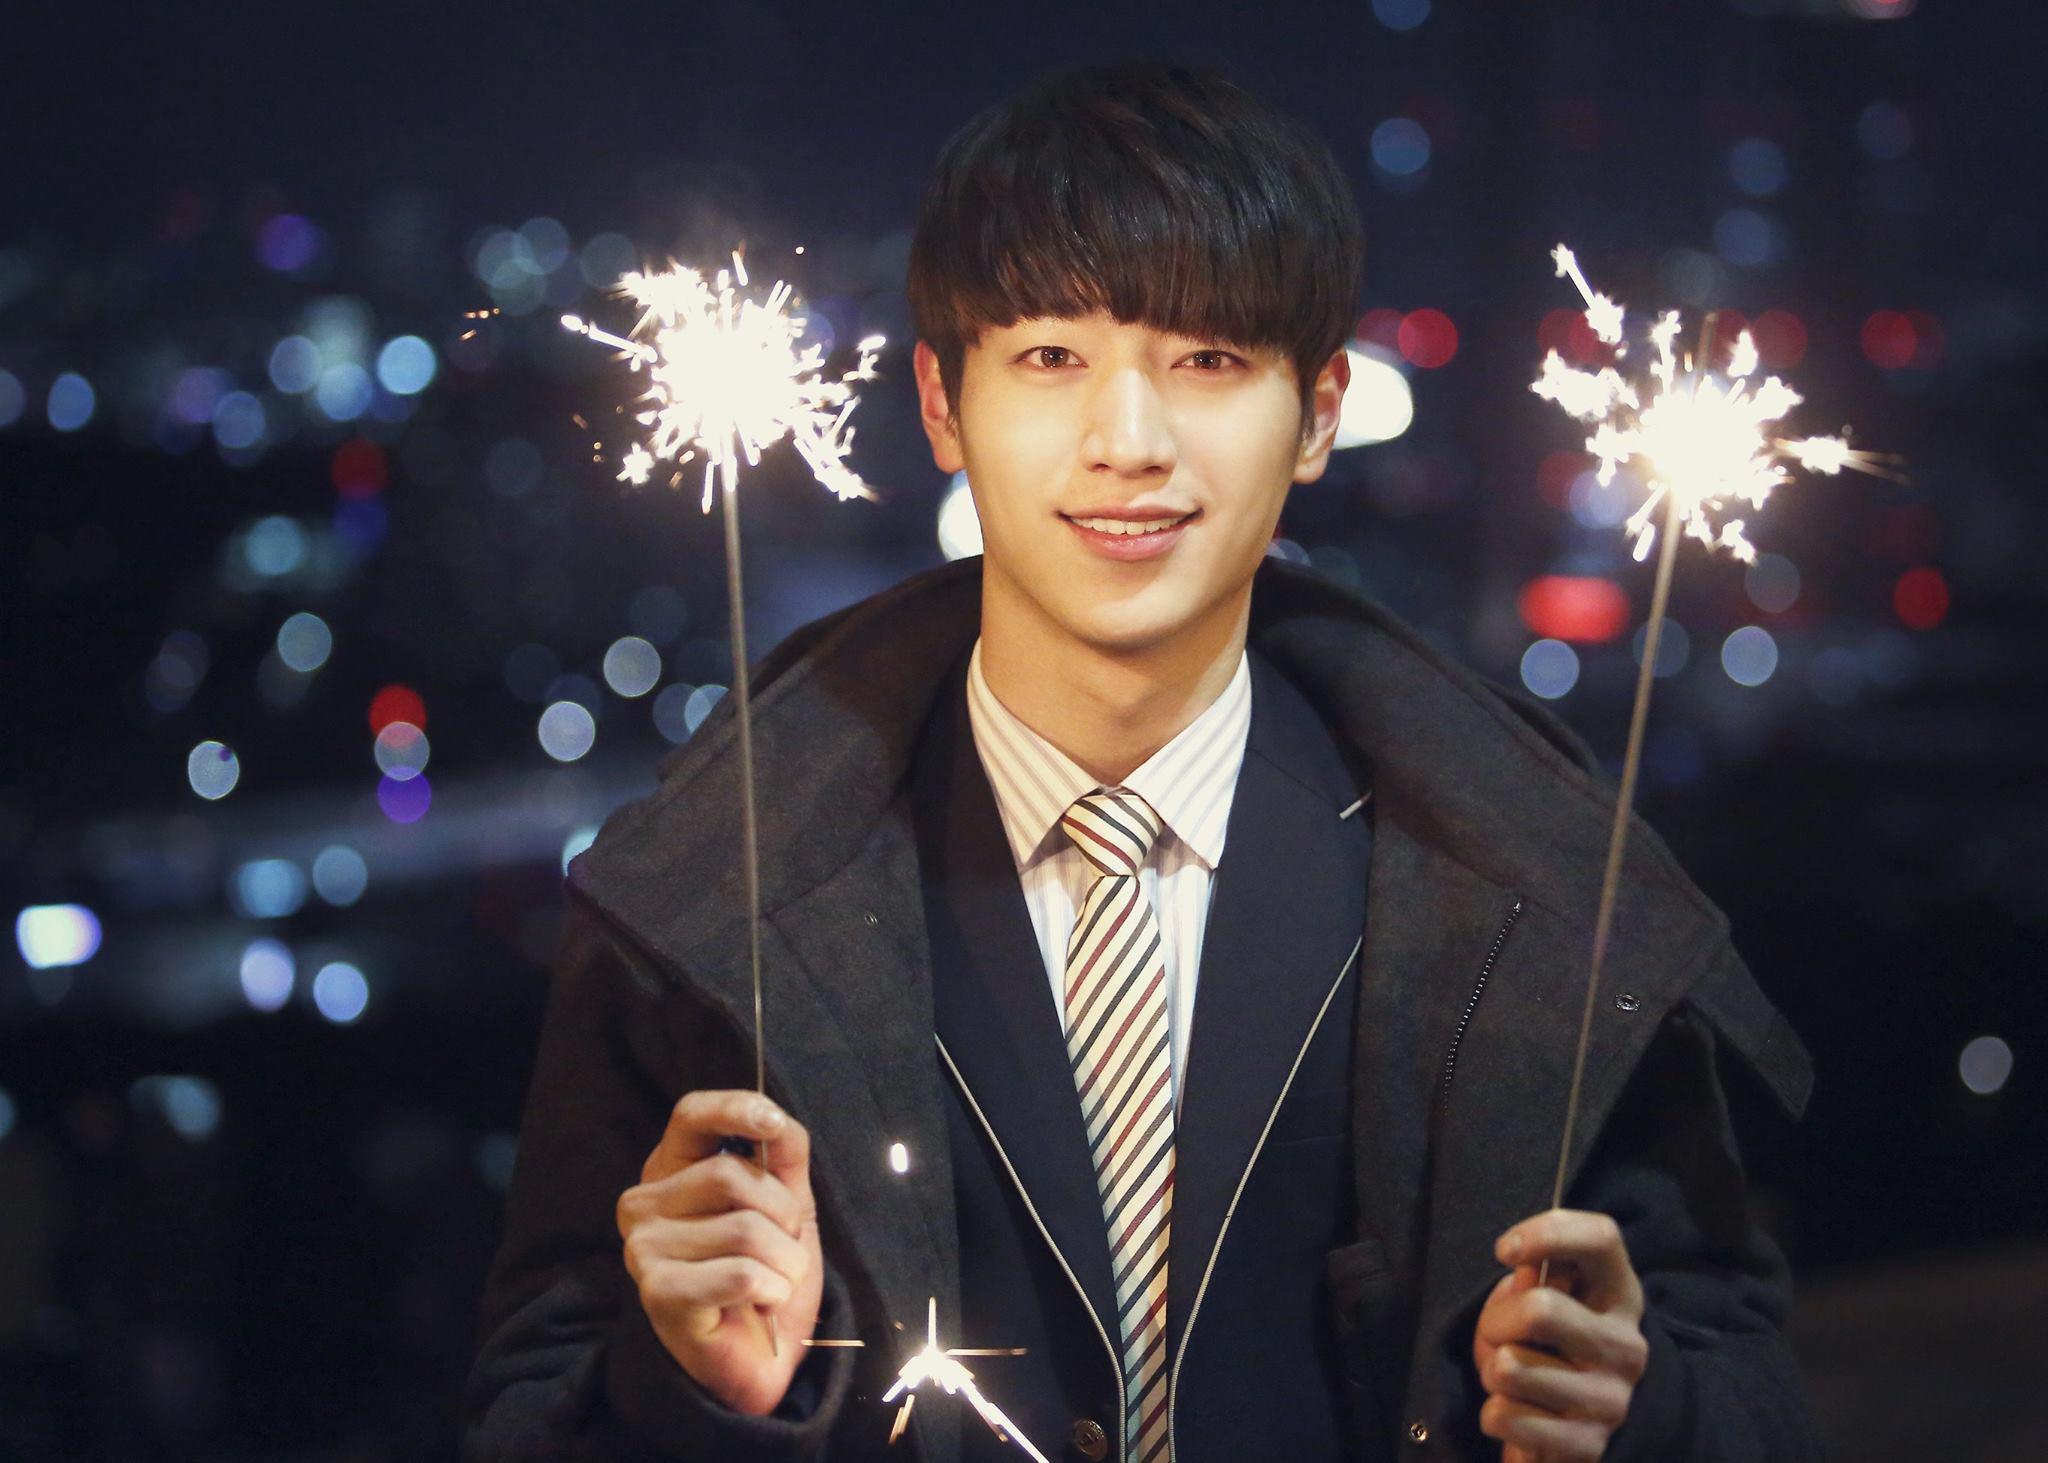 徐康俊在《華政》中飾演一位陷入悲劇愛情的傲嬌冷美男,但在《捕鼠器裡的奶酪》中卻如此有熱情又很暖男♥雖然還是很傲嬌XD